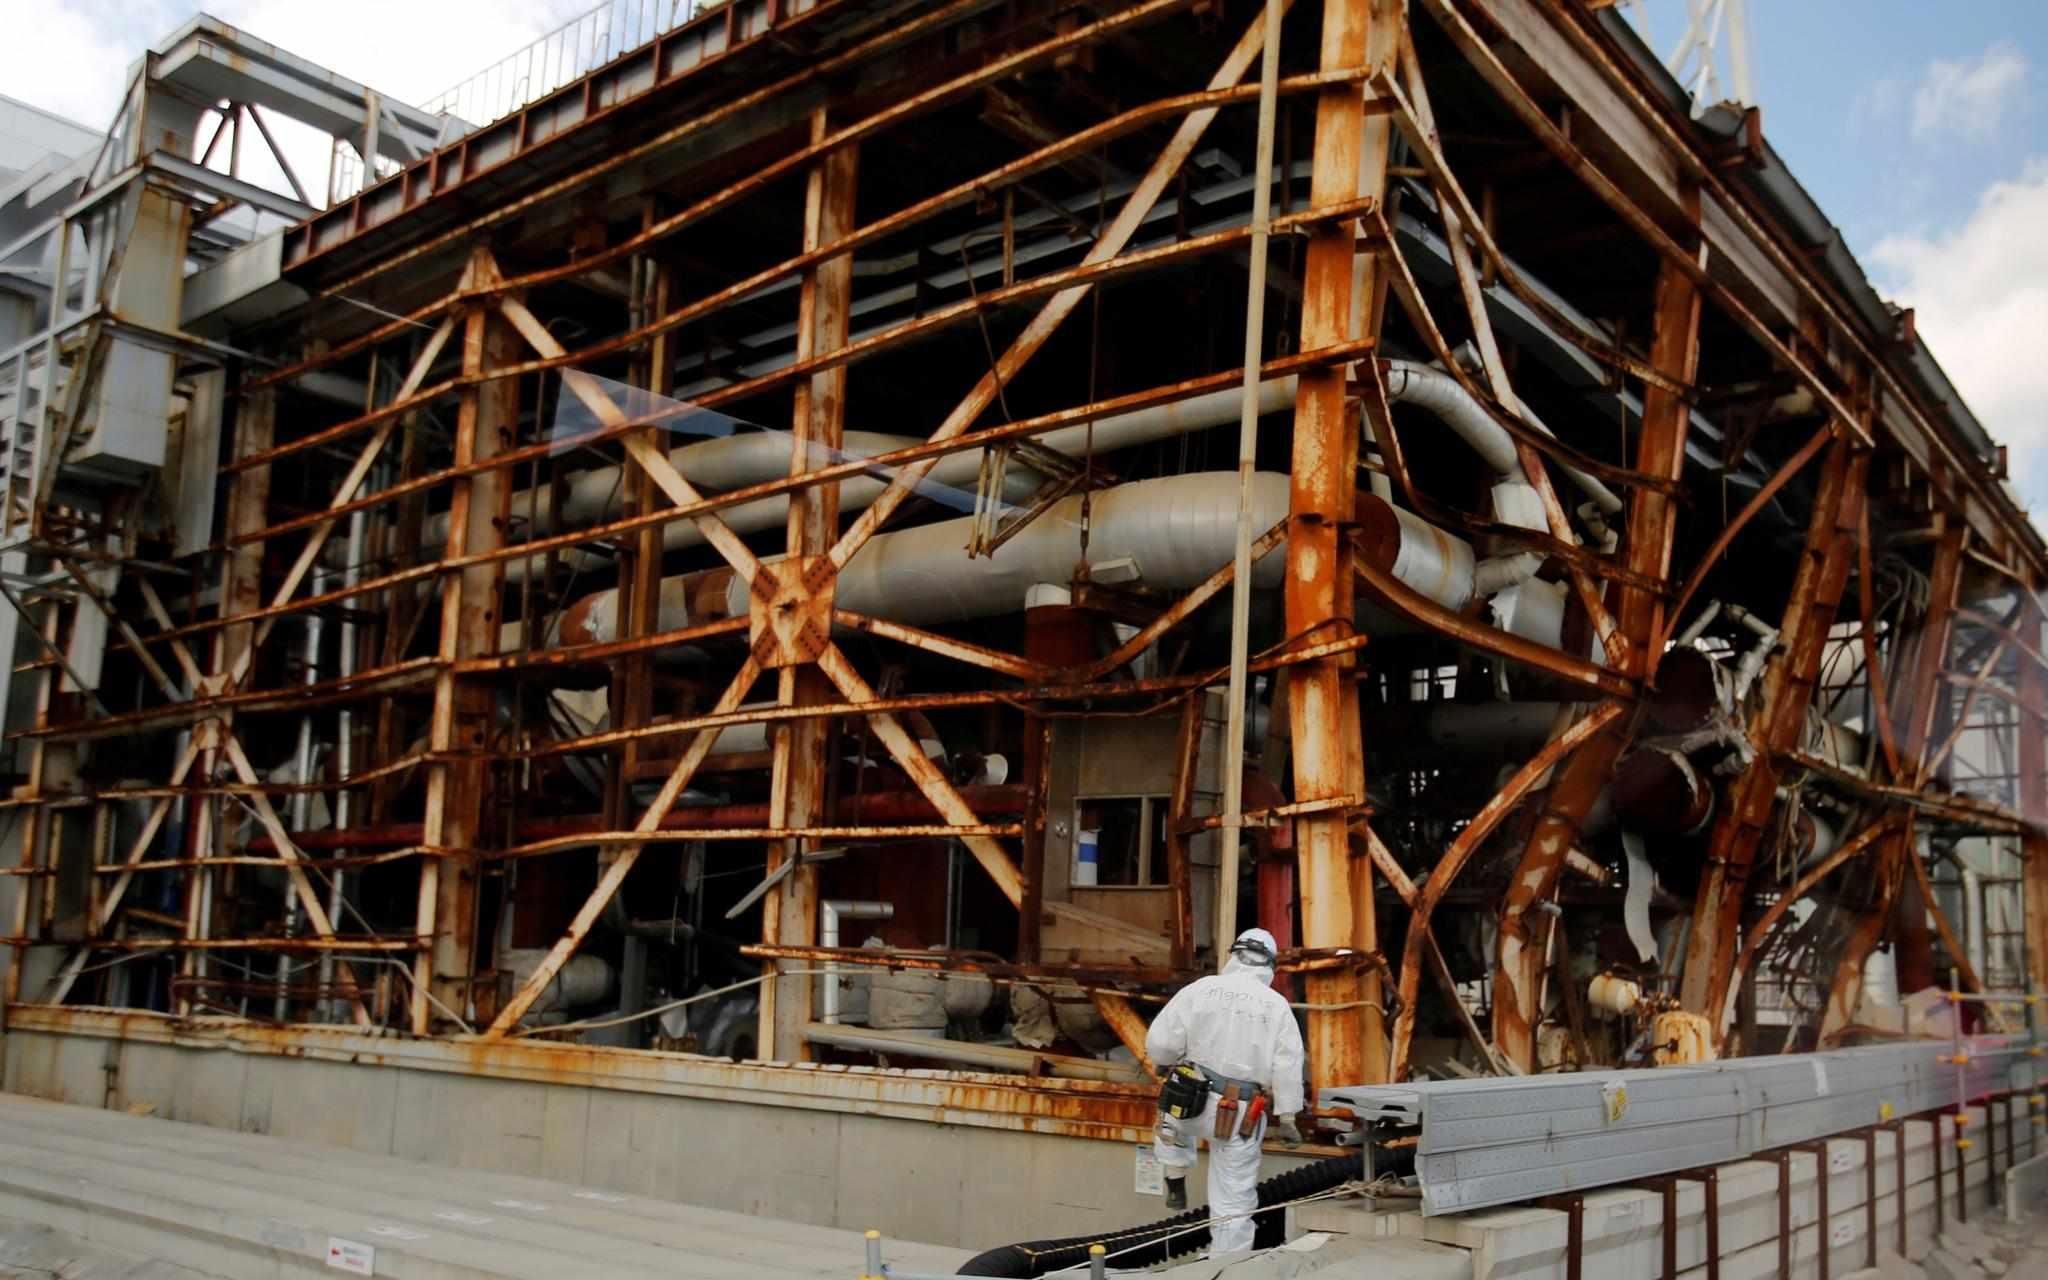 nuclear fukushima japan disaster made